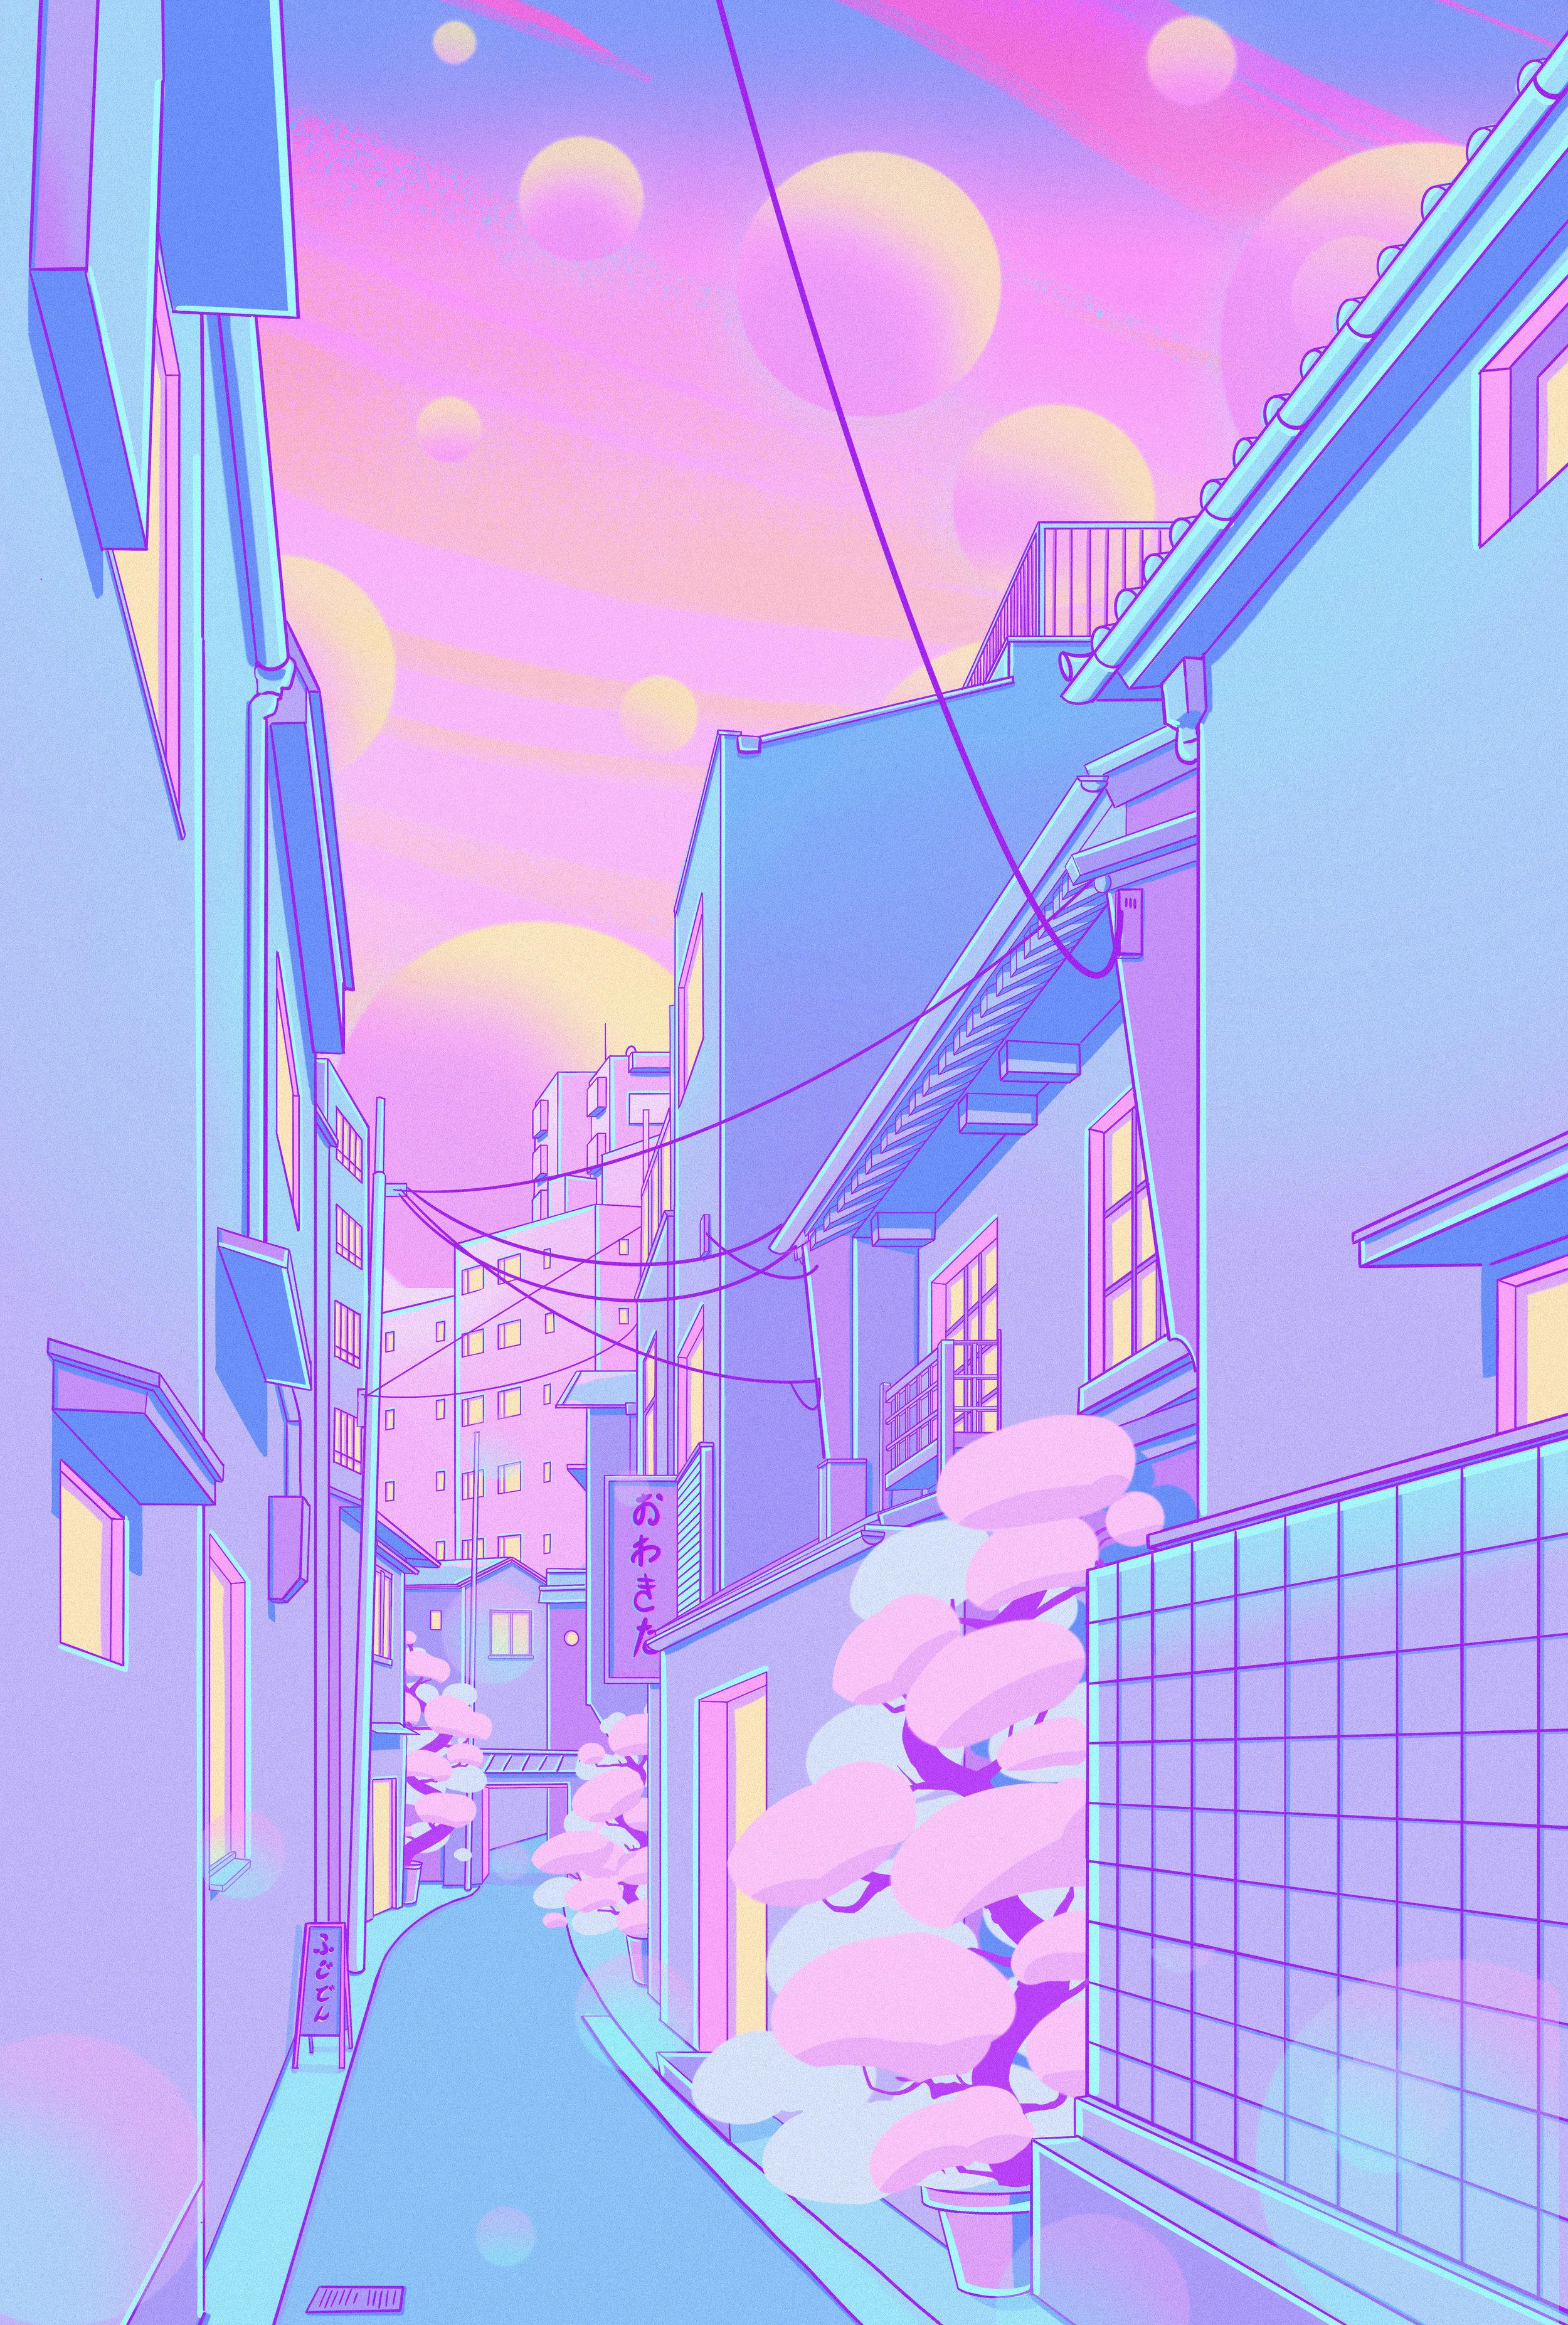 Osaka_MorningPlanetsTwitterjpg.jpg